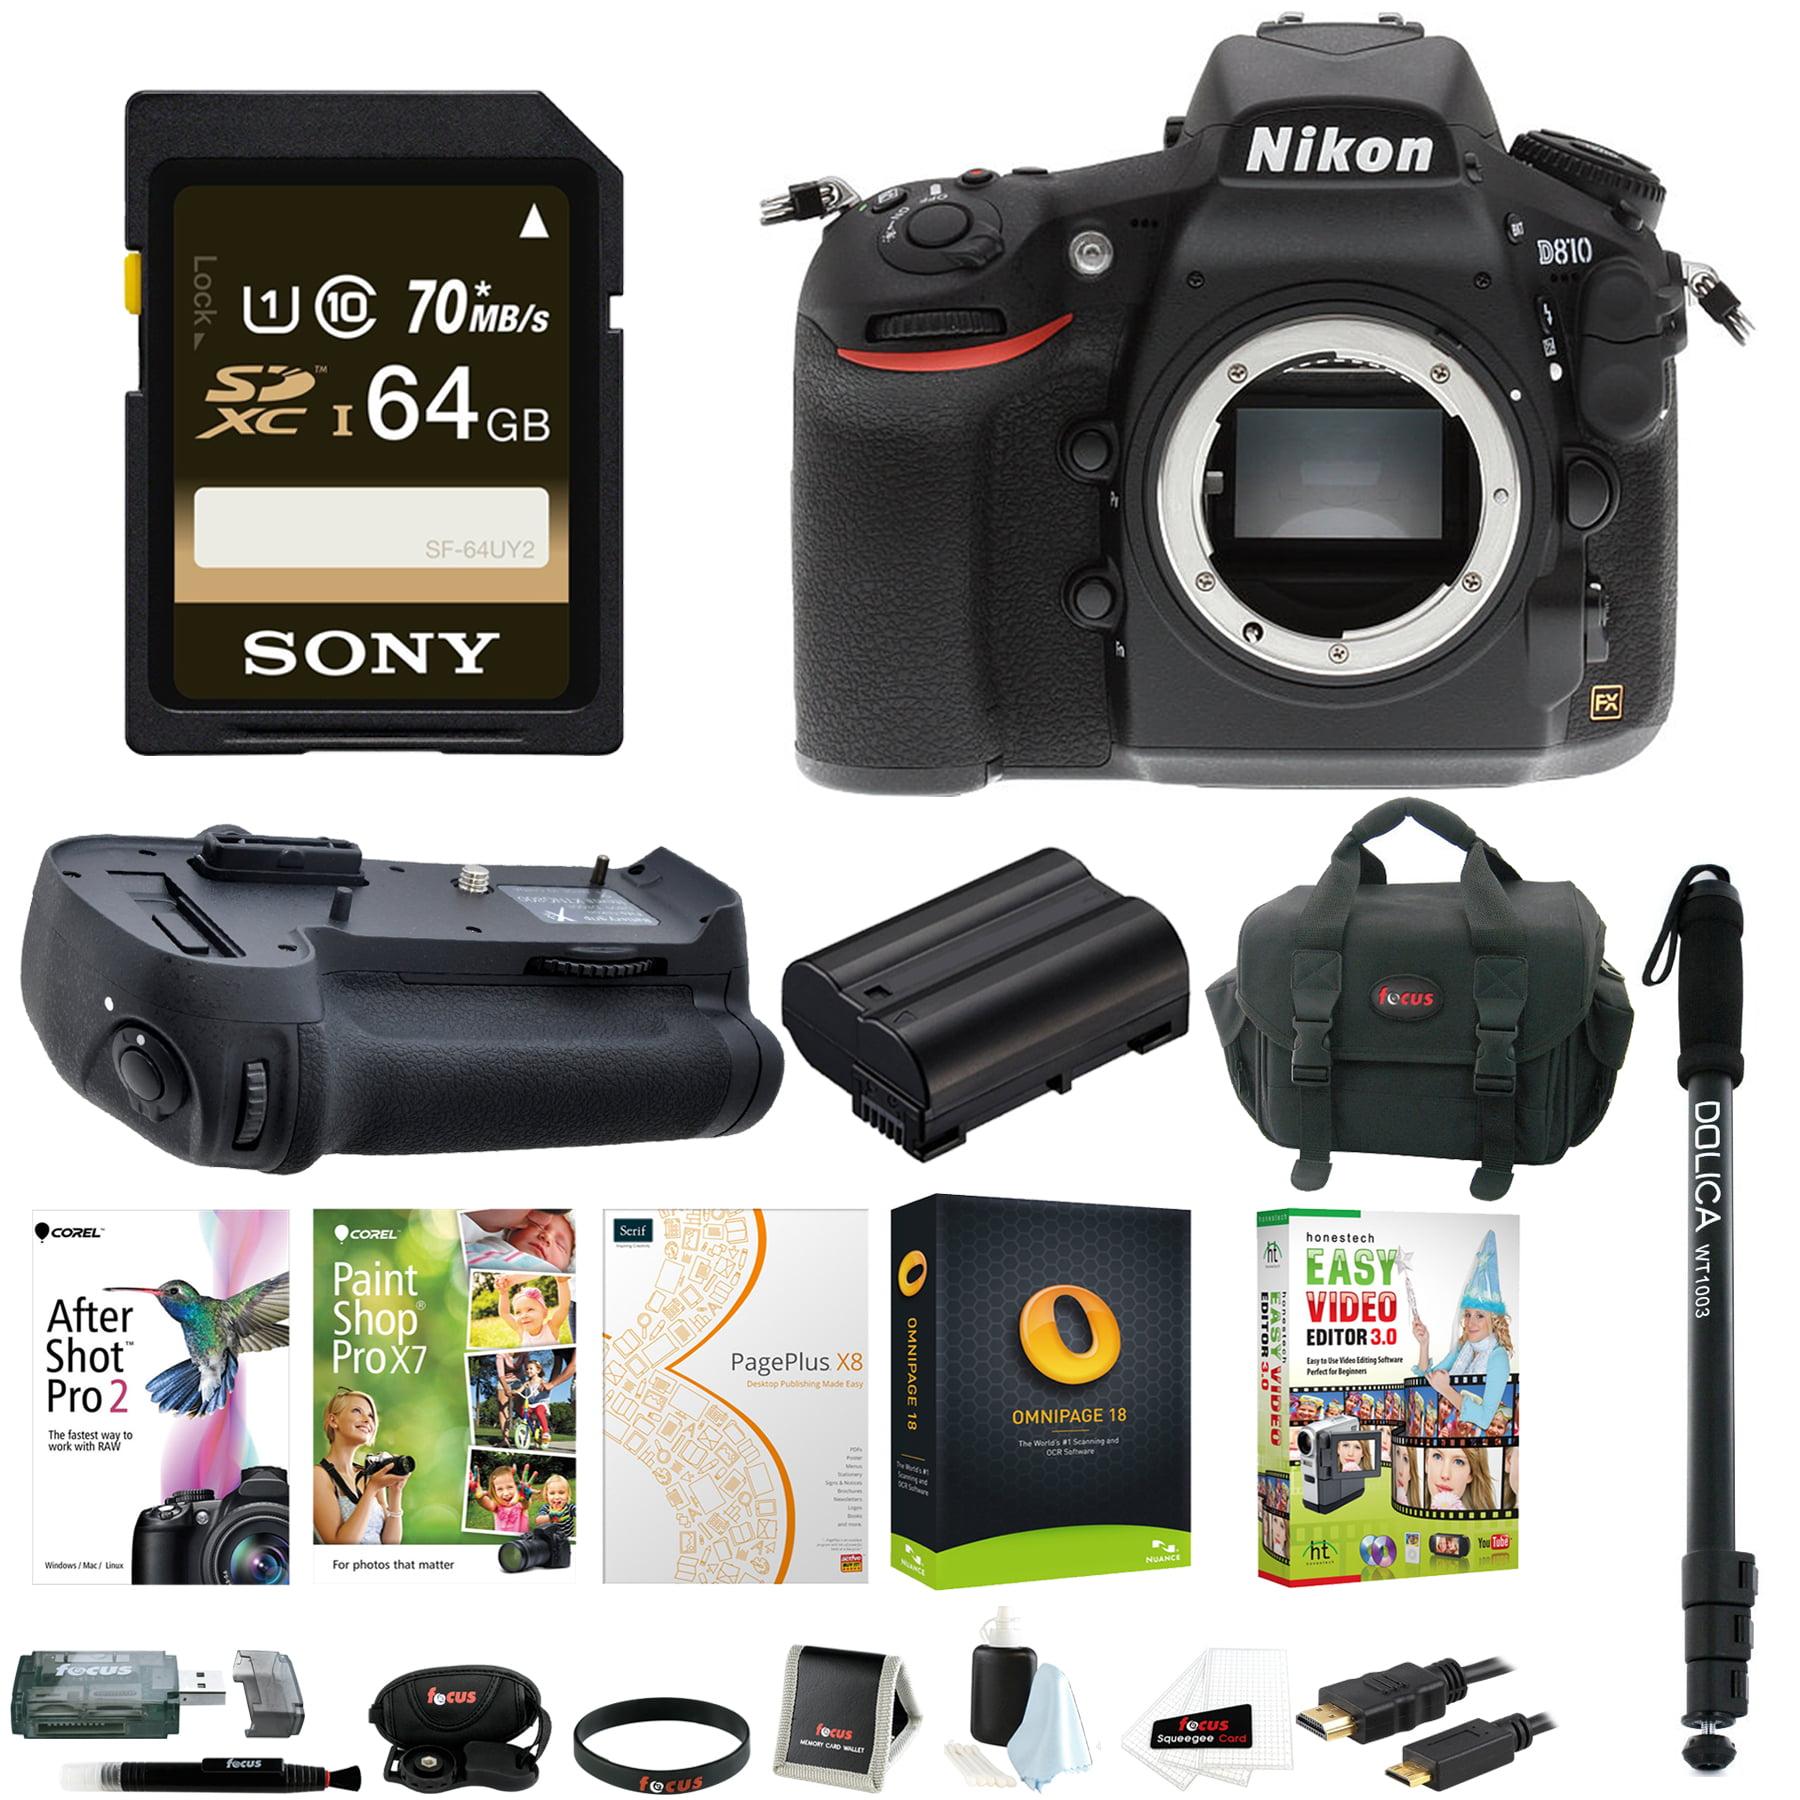 Nikon D810 DSLR Camera w/ Battery Grip & 64 GB SD Card Bundle (Body Only)